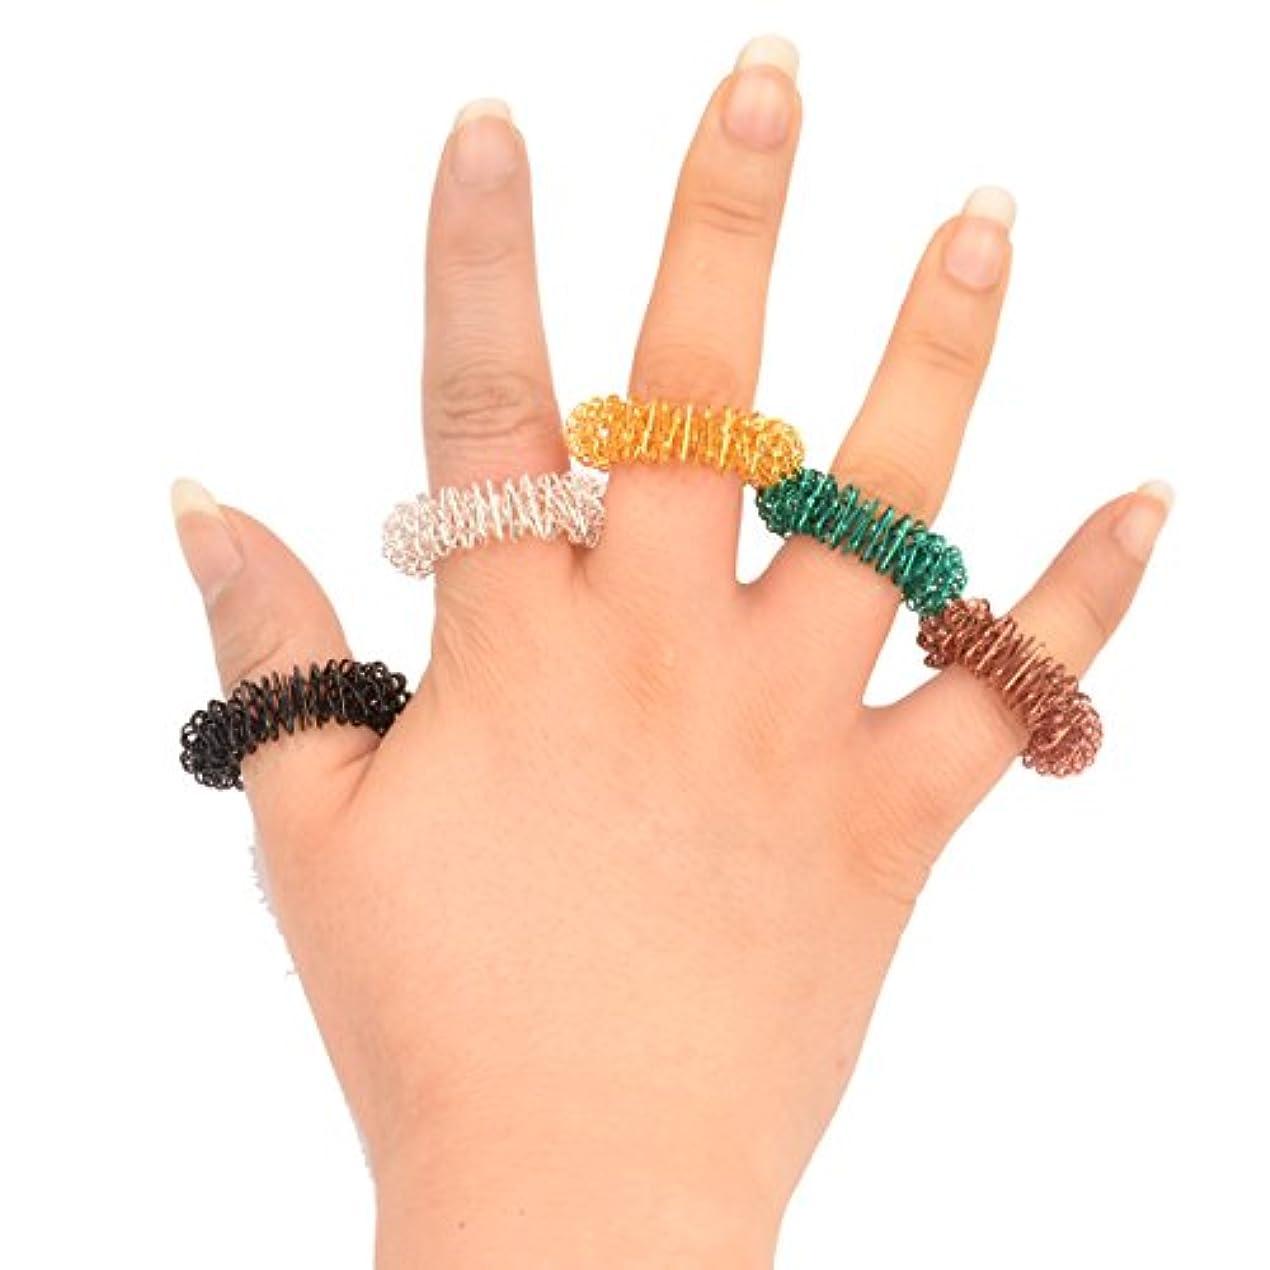 テレビ保持頻繁に(Ckeyin) マッサージリング 5個入り 爪もみリング 色はランダムによって配送されます (5個)